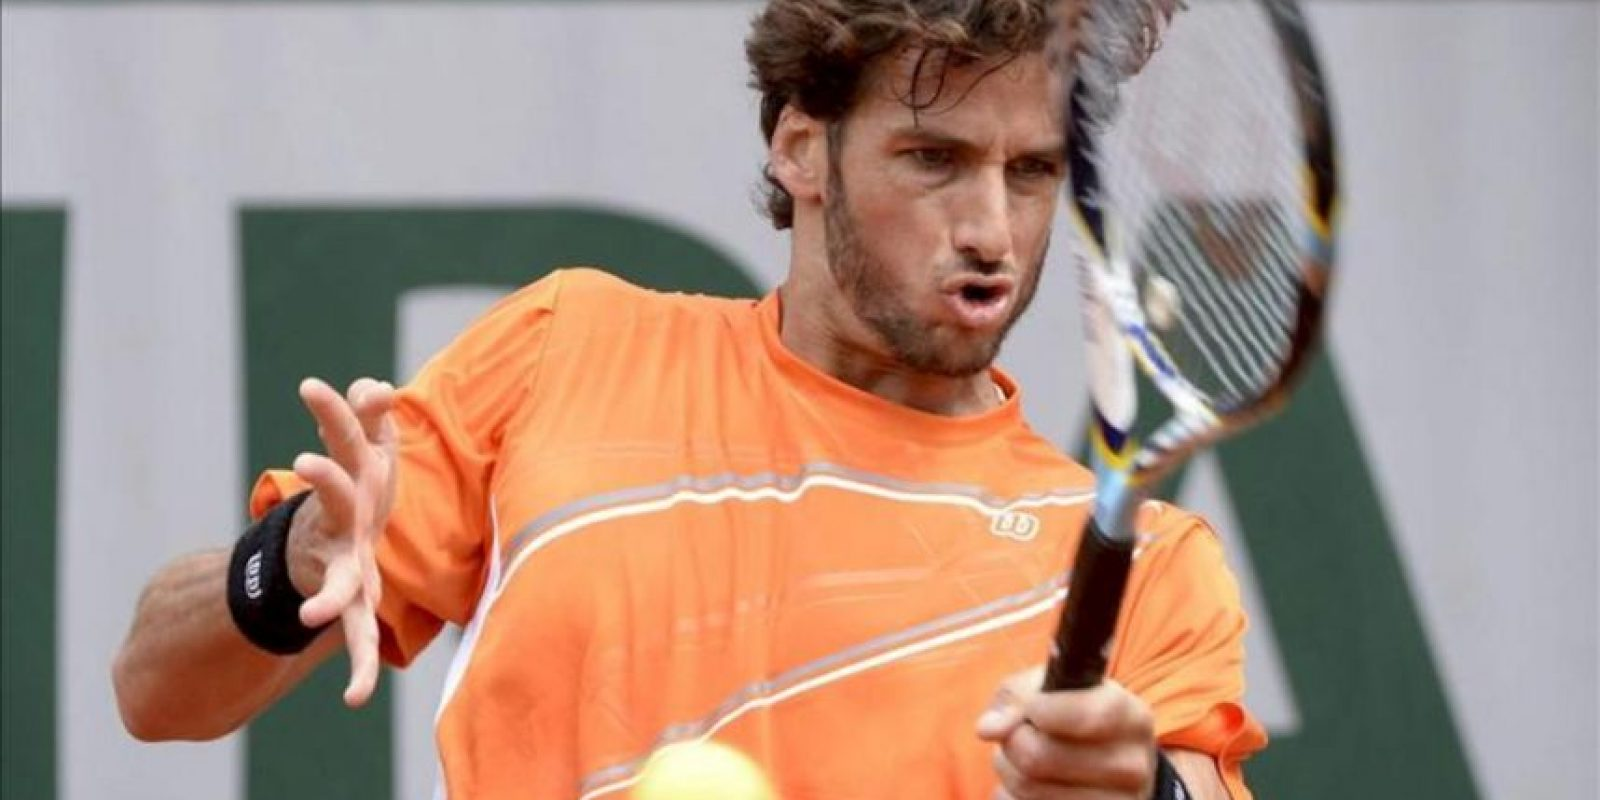 El tenista español Feliciano López, devuelve la bola al portugués Joao Sousa, durante el partido de hoy de segunda ronda del torneo Roland Garros. EFE